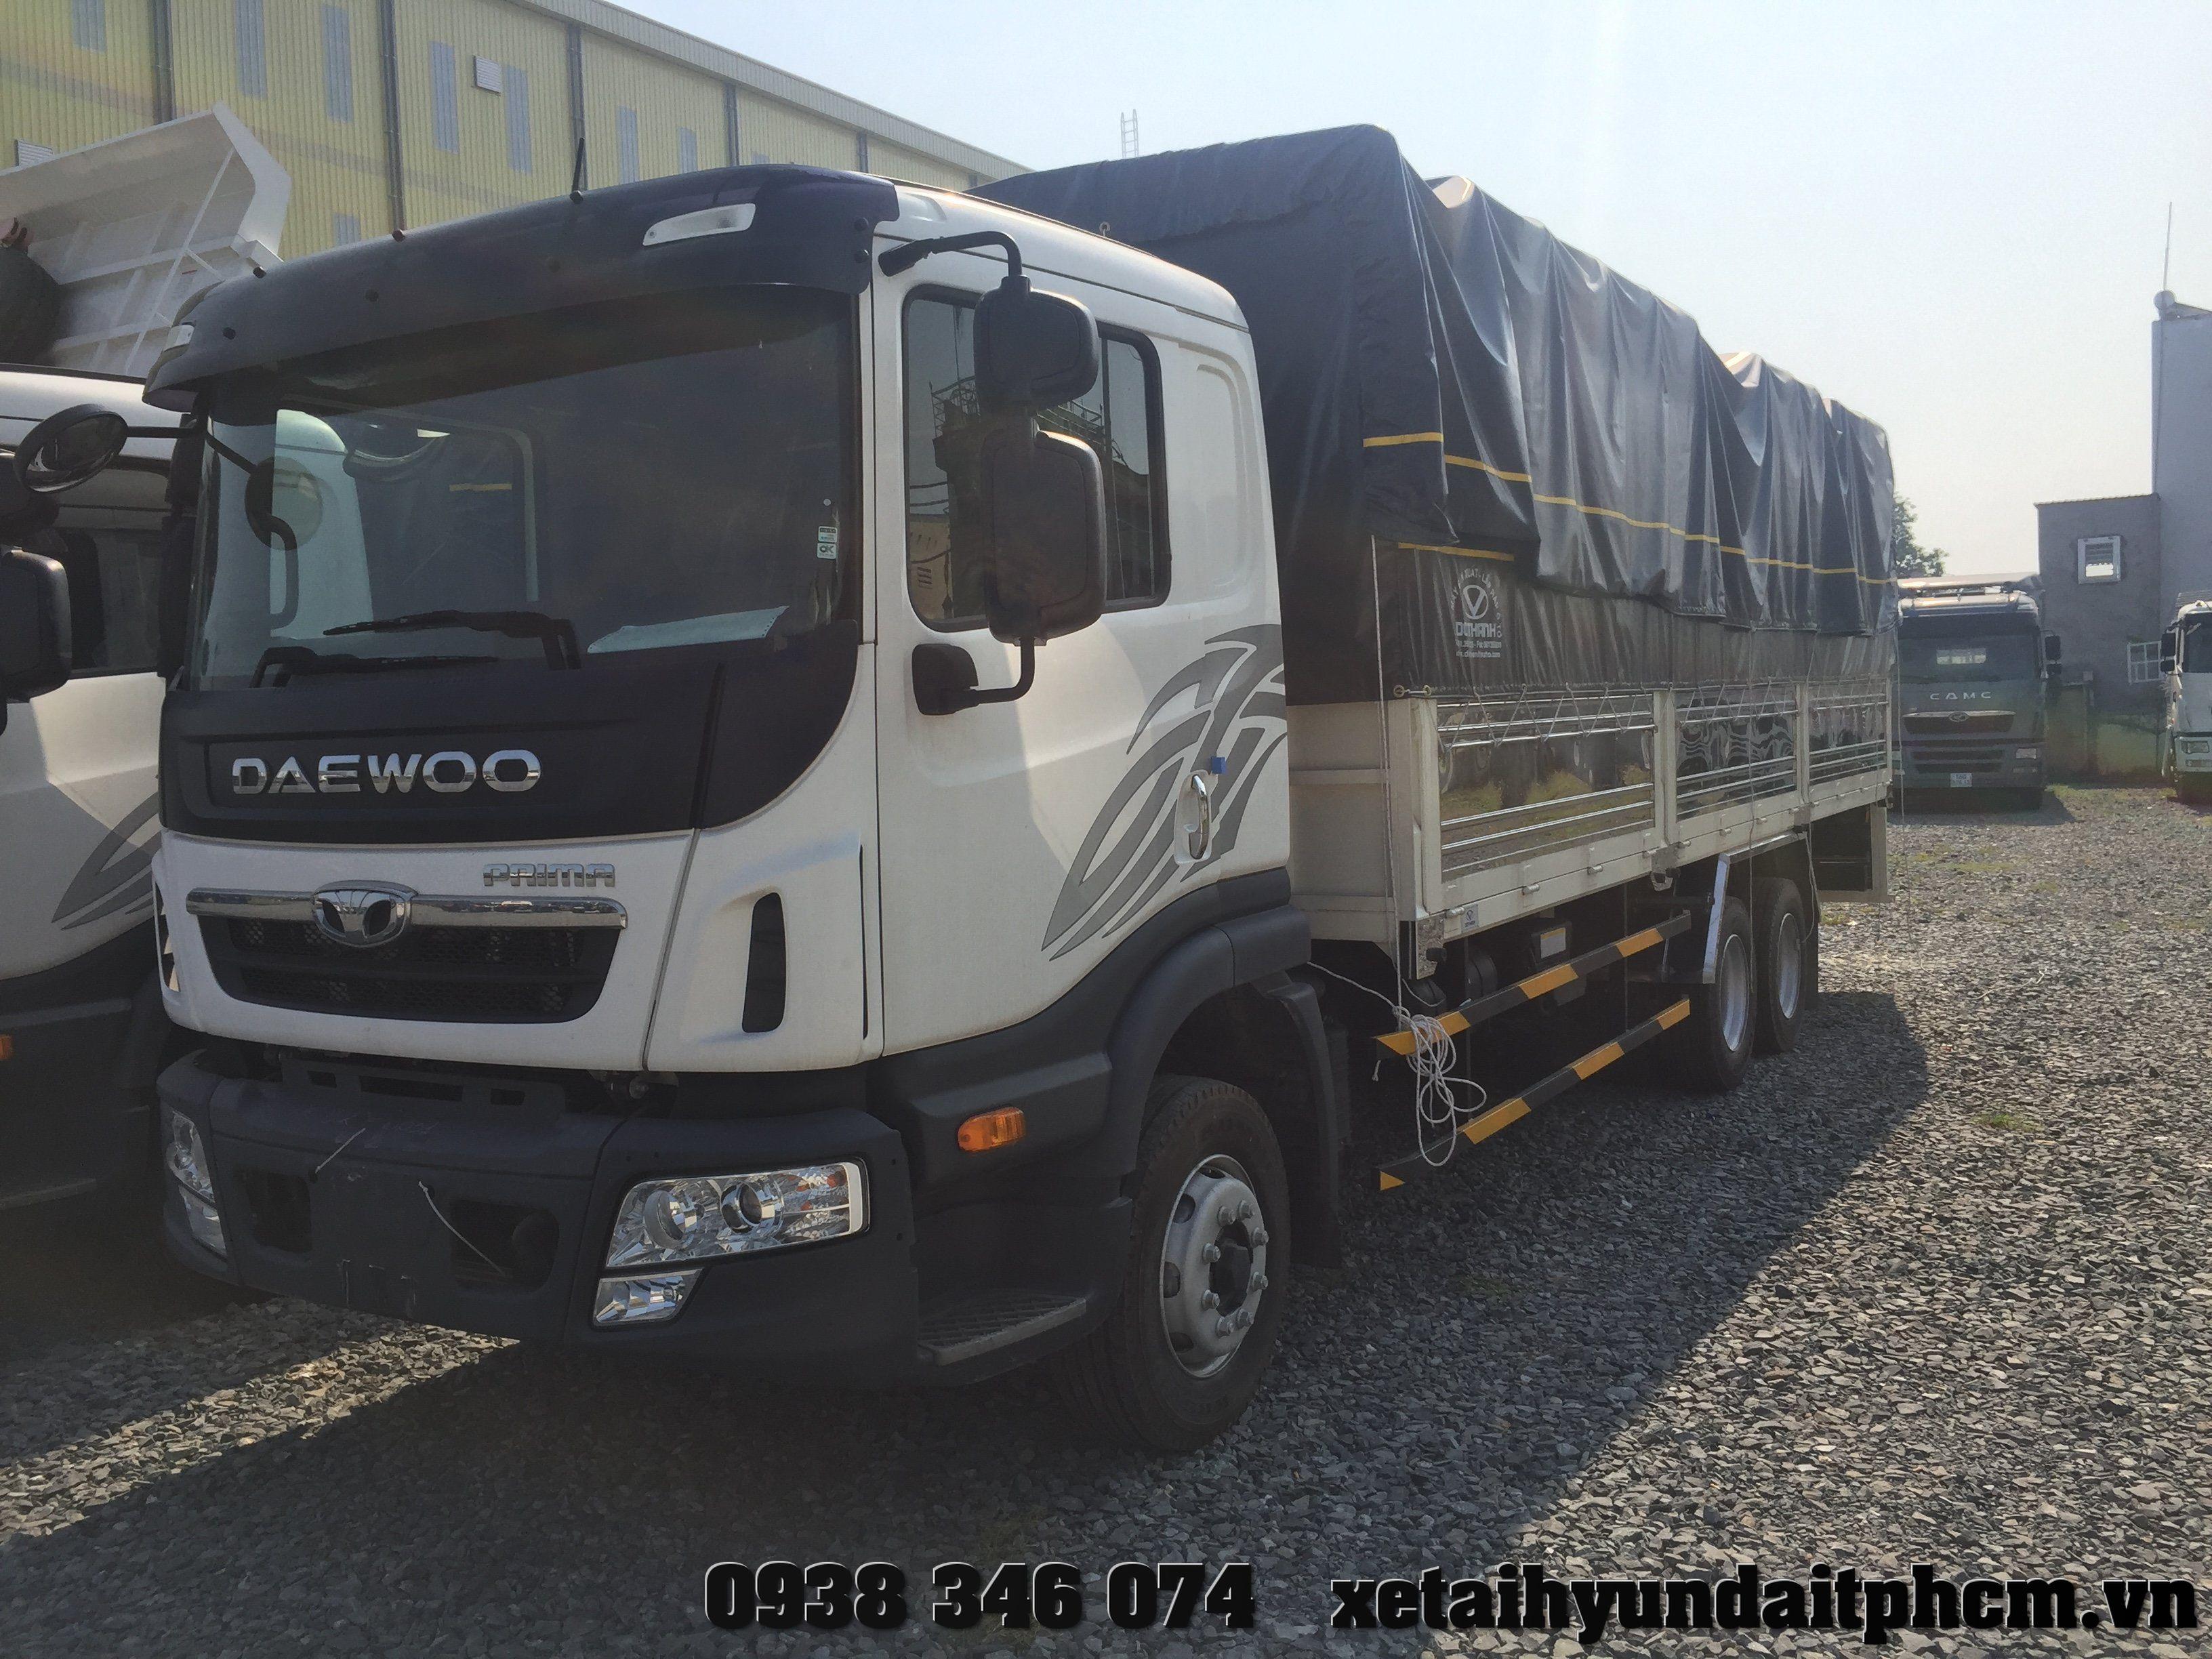 xe tải daewoo prima 3 chân 14 tấn